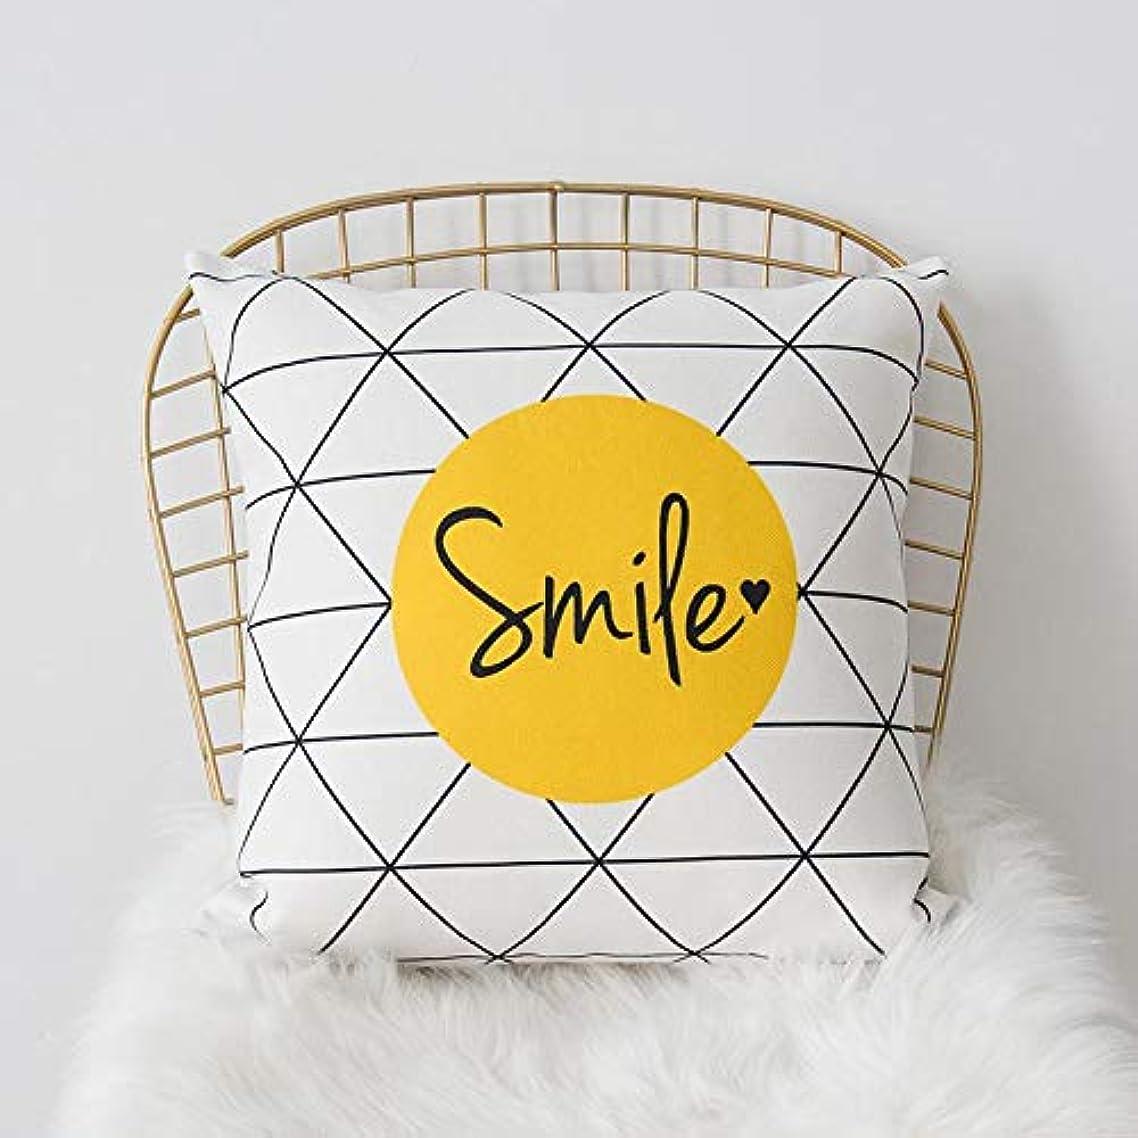 困惑したさまようテクスチャーSMART 黄色グレー枕北欧スタイル黄色ヘラジカ幾何枕リビングルームのインテリアソファクッション Cojines 装飾良質 クッション 椅子